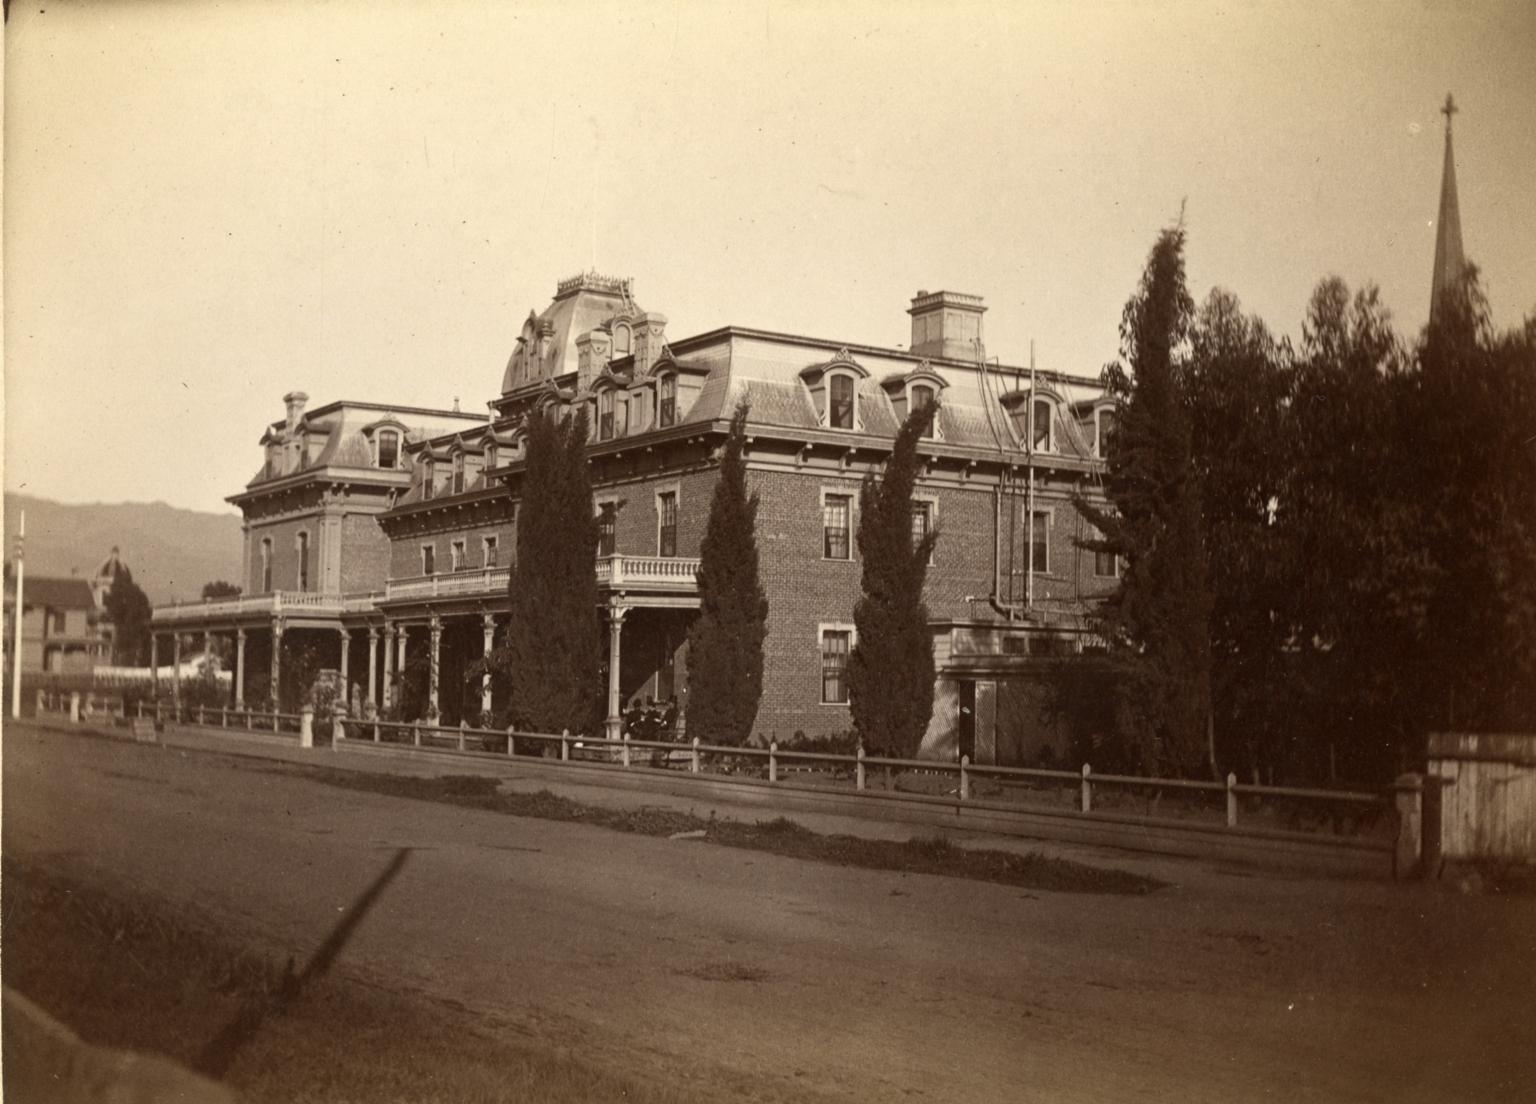 San Marcos Hotel